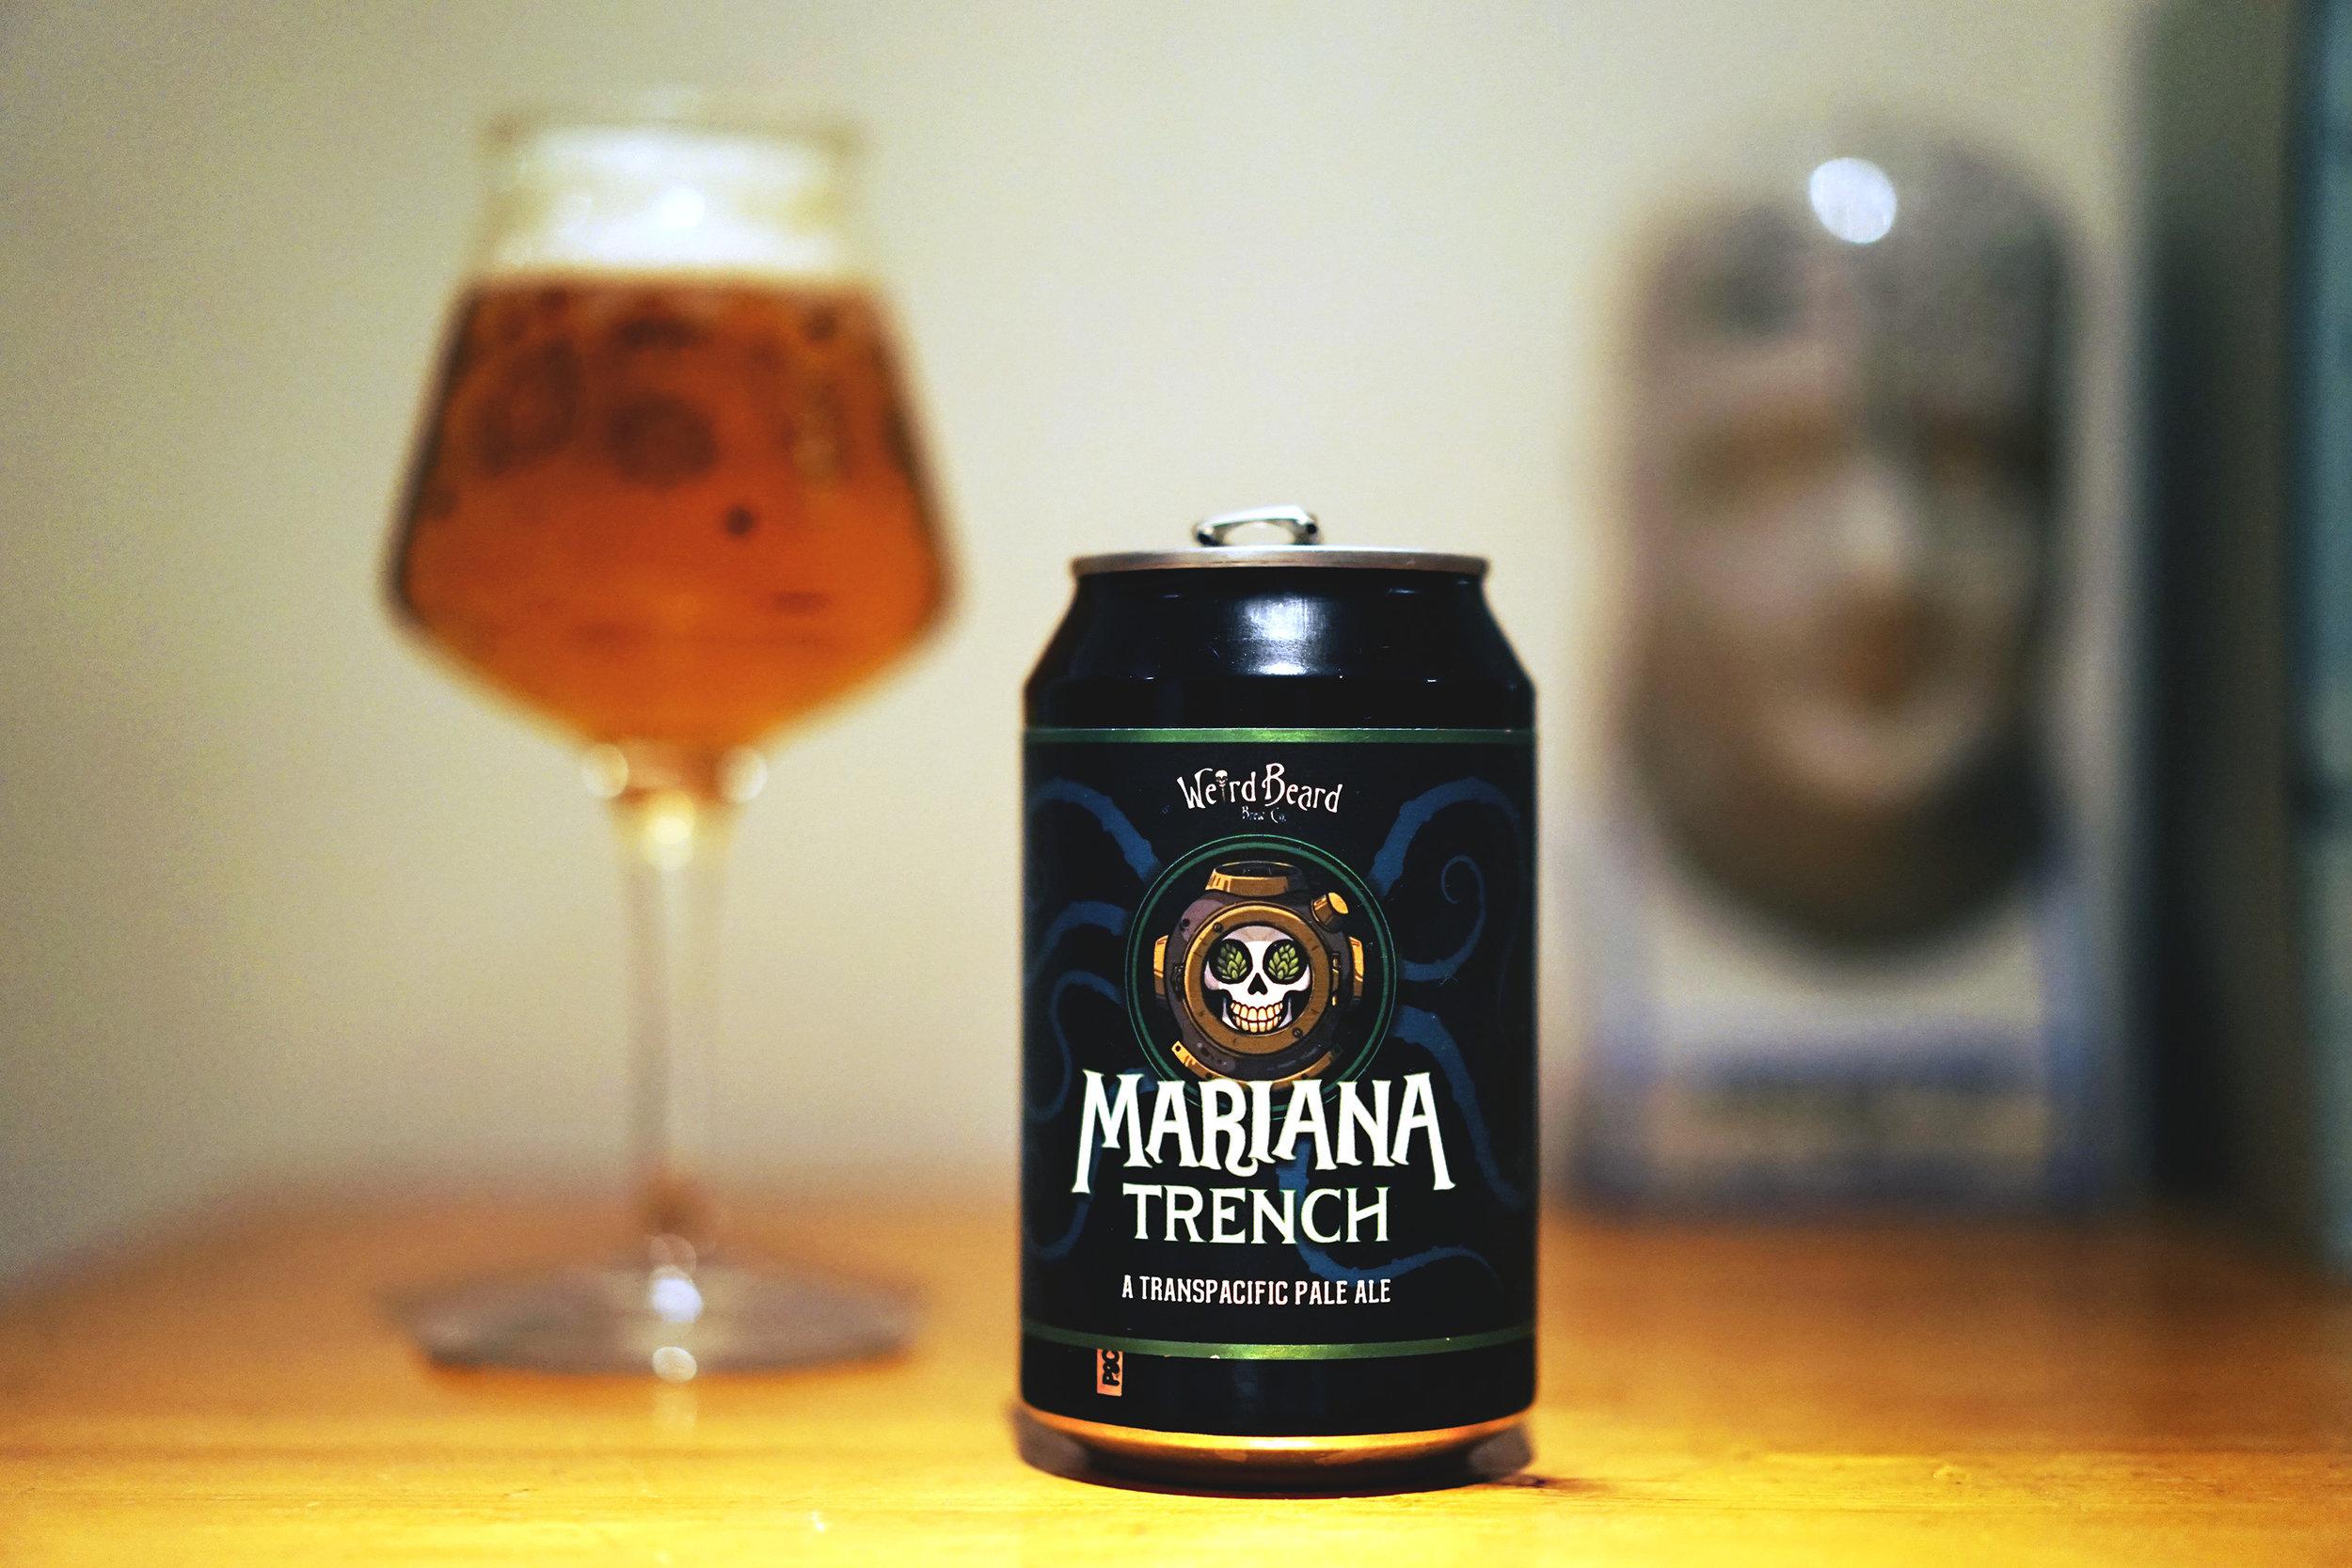 55 Mariana Trench.jpg